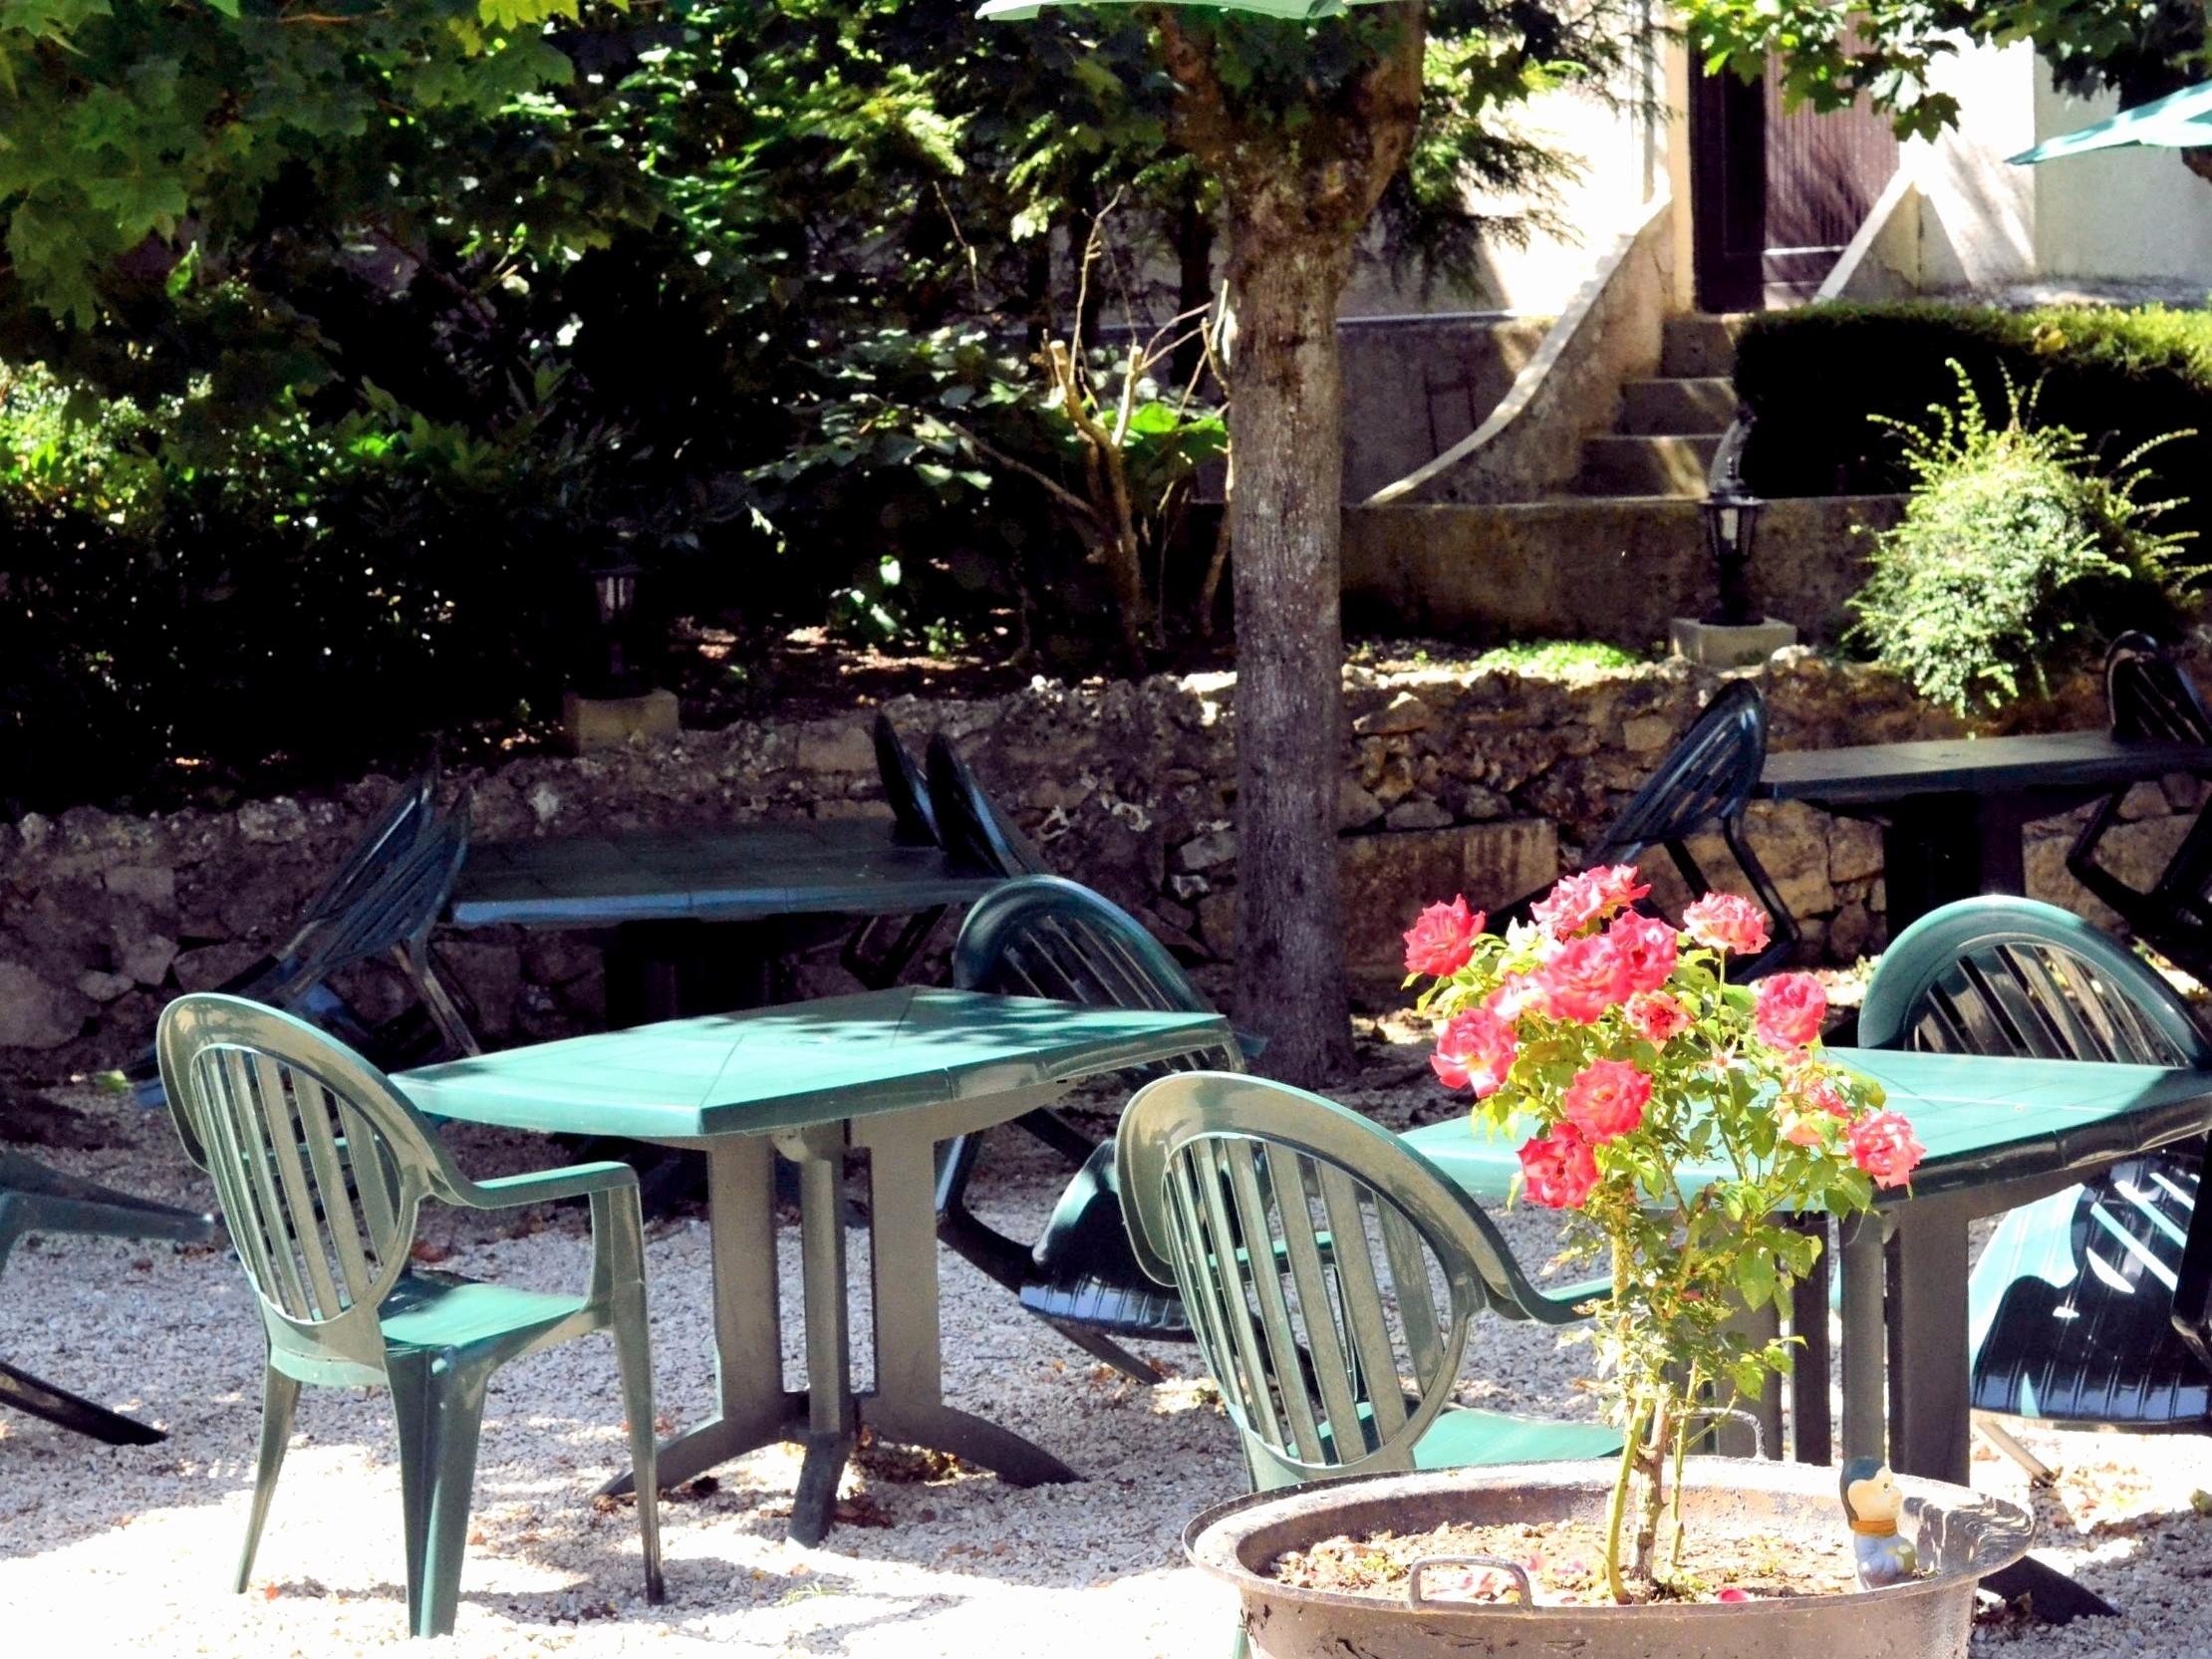 Jardin Secret Cannes Inspirant Photos Le Jardin Cannes Unique Idée De Cloture De Jardin Galerie De Plans